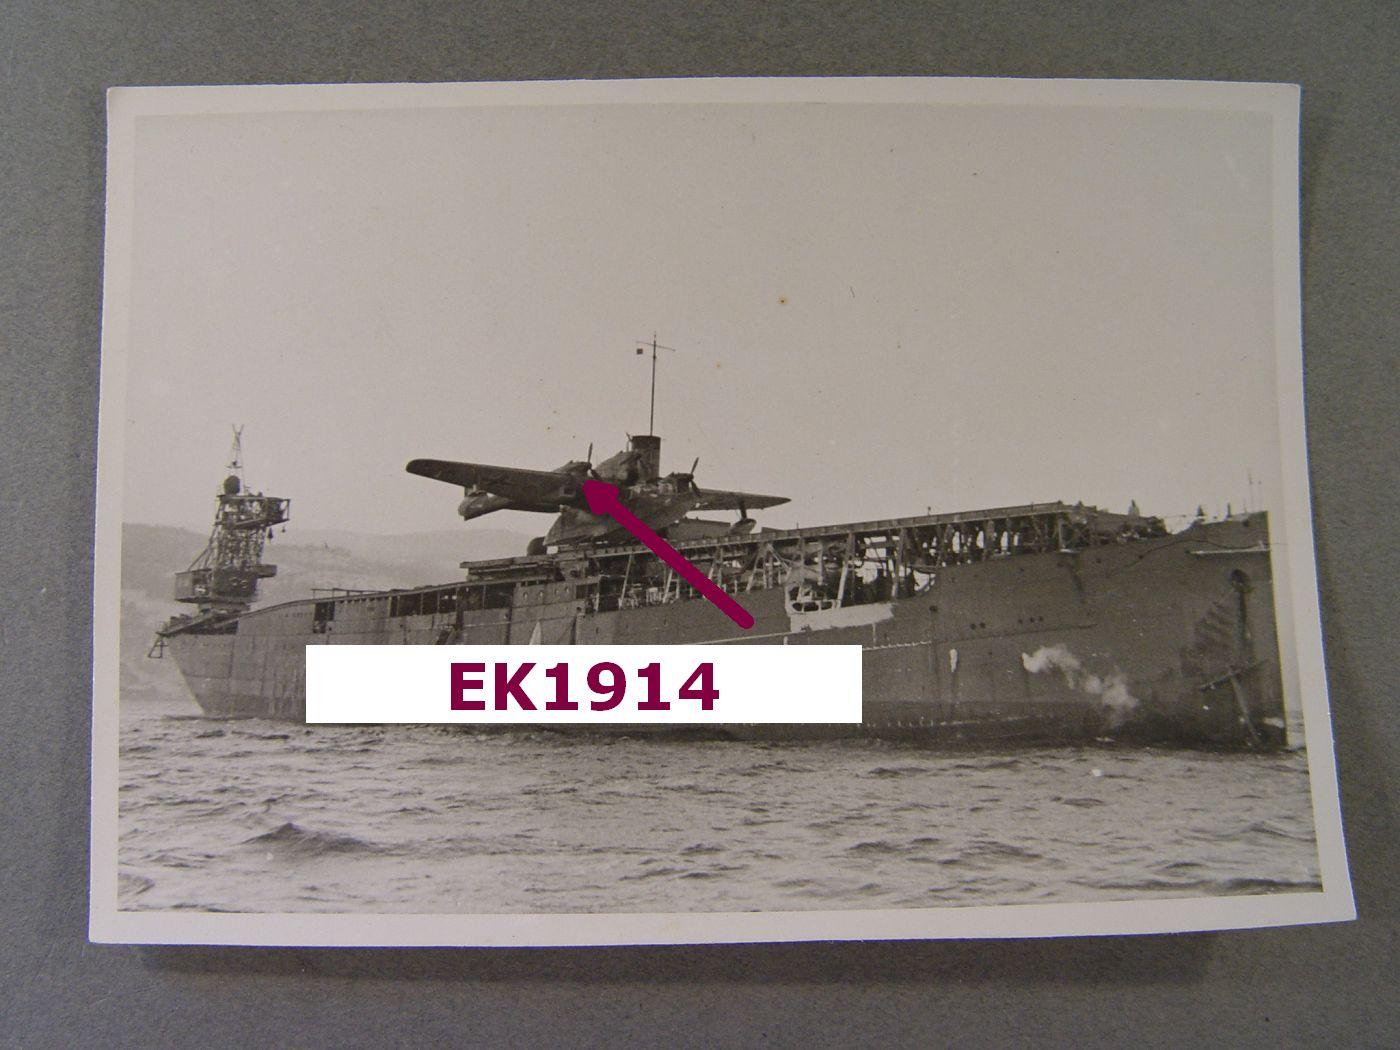 bv138_17_Katapultschiff Schleuderschiff Westfalen, BV-138, Norwegen Trondheim.JPG